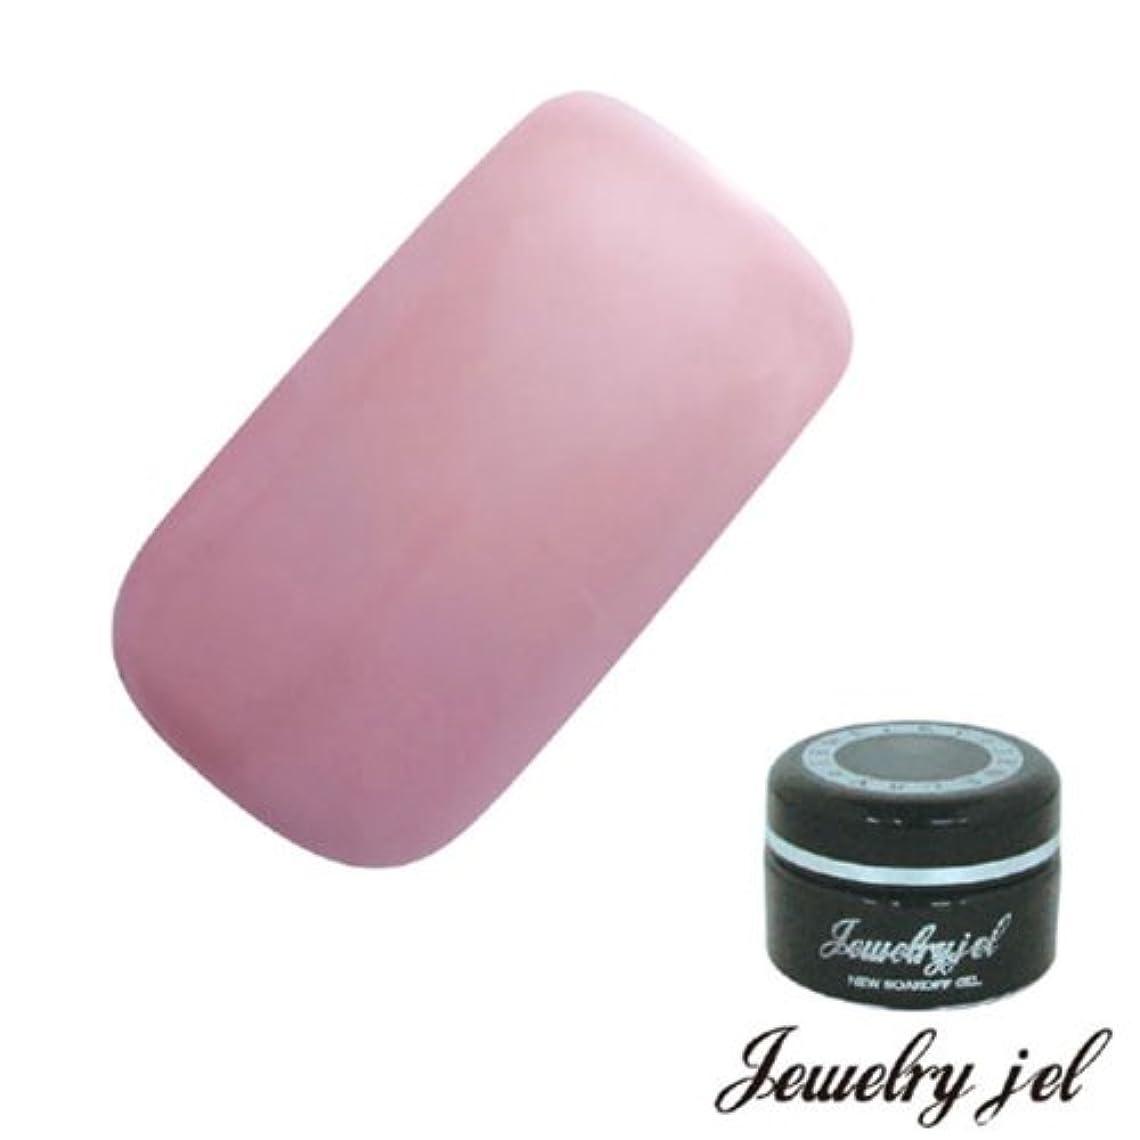 空港合意呼吸ジュエリージェル ジェルネイル カラージェル OP106 3.5g ピンク シアーマット UV/LED対応  ソークオフジェル ピーチベージュ